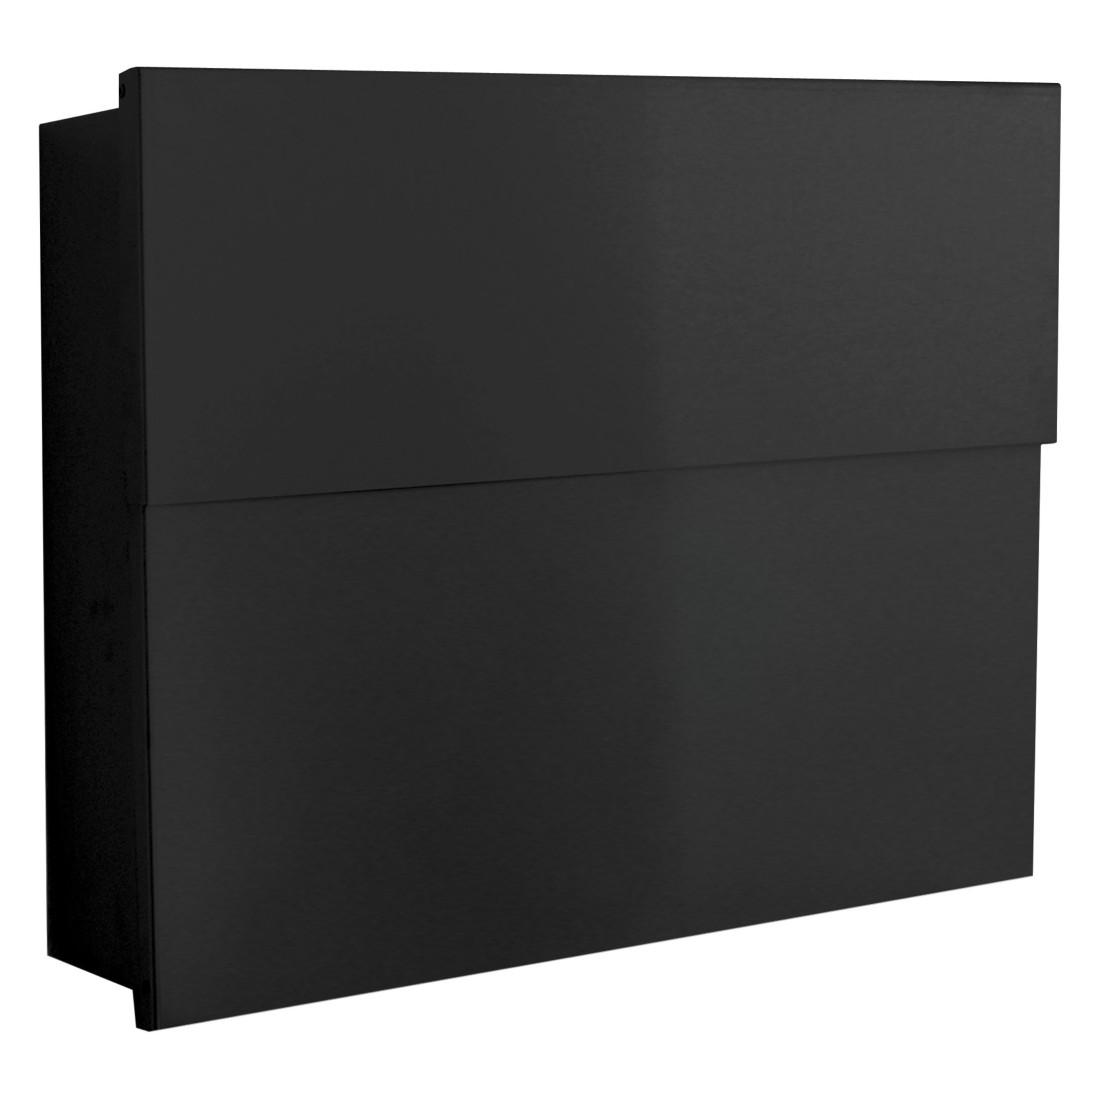 briefkasten xxl preisvergleiche erfahrungsberichte und kauf bei nextag. Black Bedroom Furniture Sets. Home Design Ideas